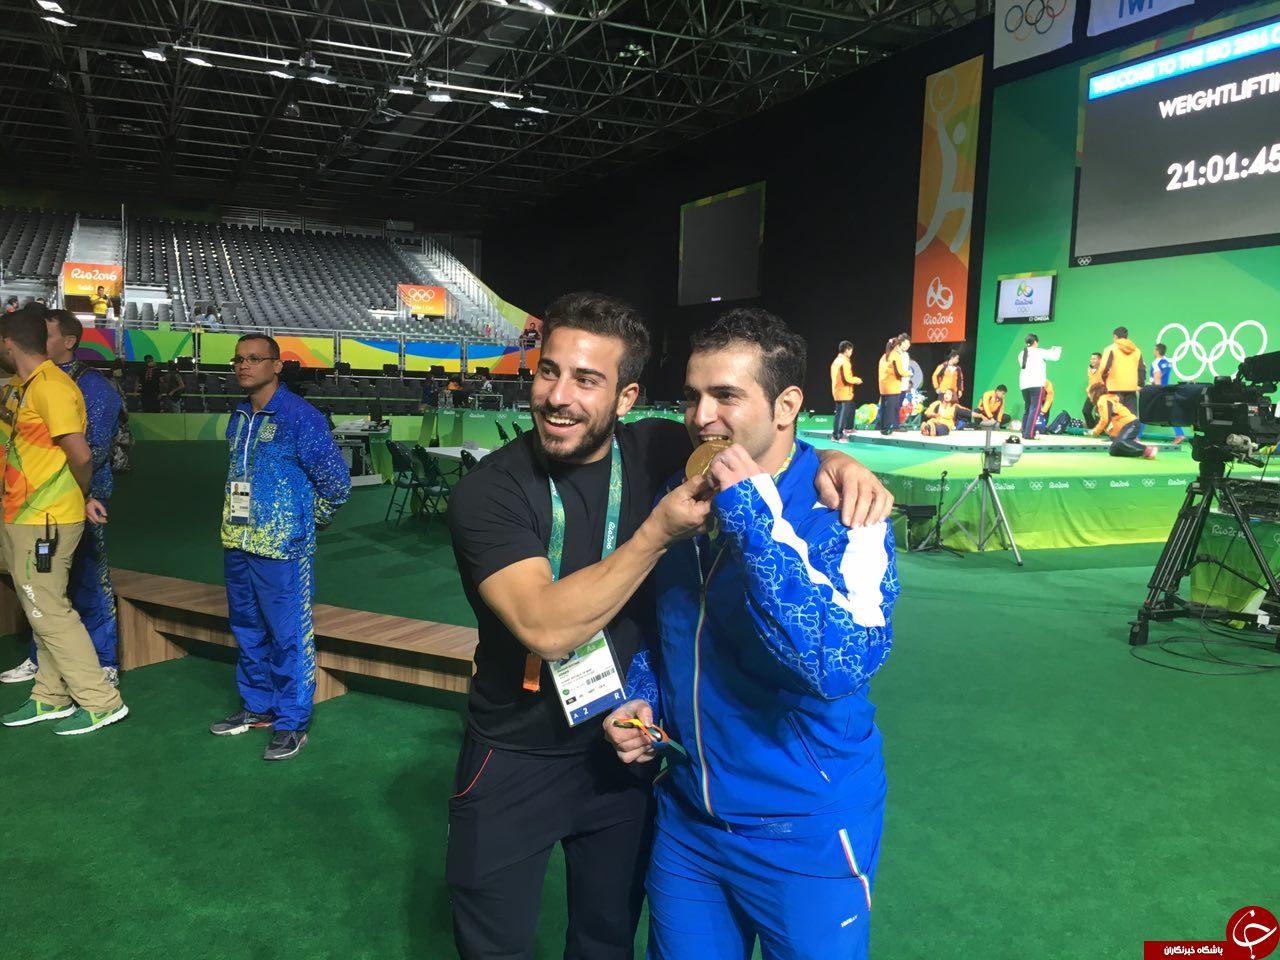 دومین مدال طلای ایران به دست آمد/پس از رستم سهراب هم طلایی شد + تصاویر و فیلم